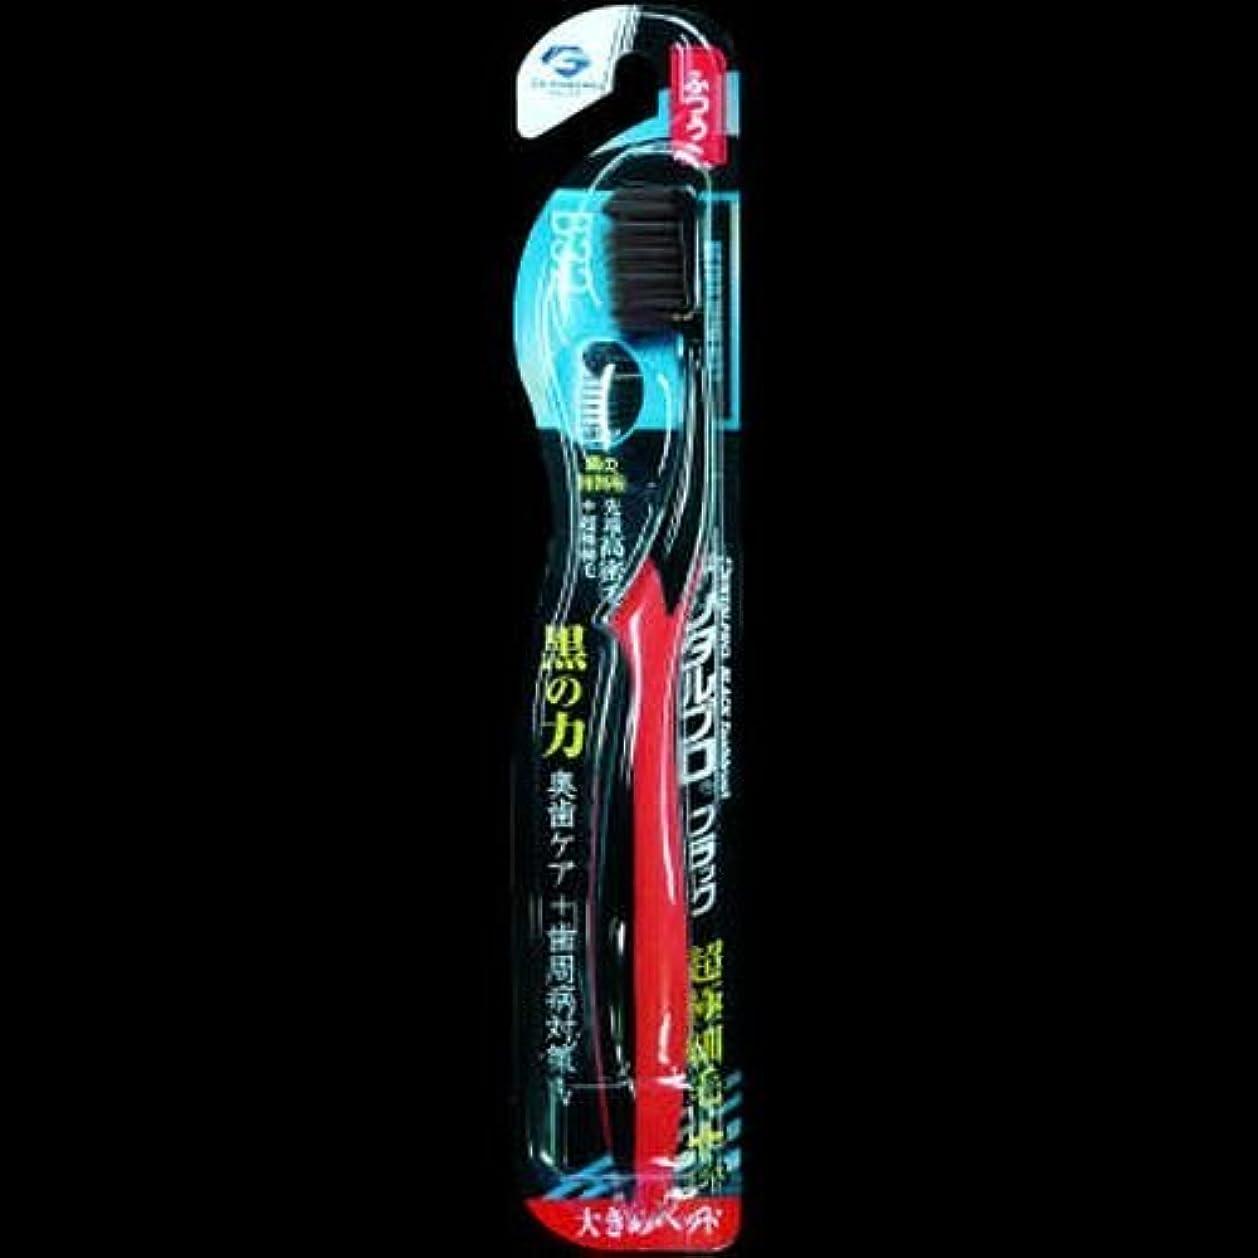 スリンクカメ柔らかい足デンタルプロ ブラック歯ブラシ 超極細毛プラス大きめヘッド ふつう ×2セット